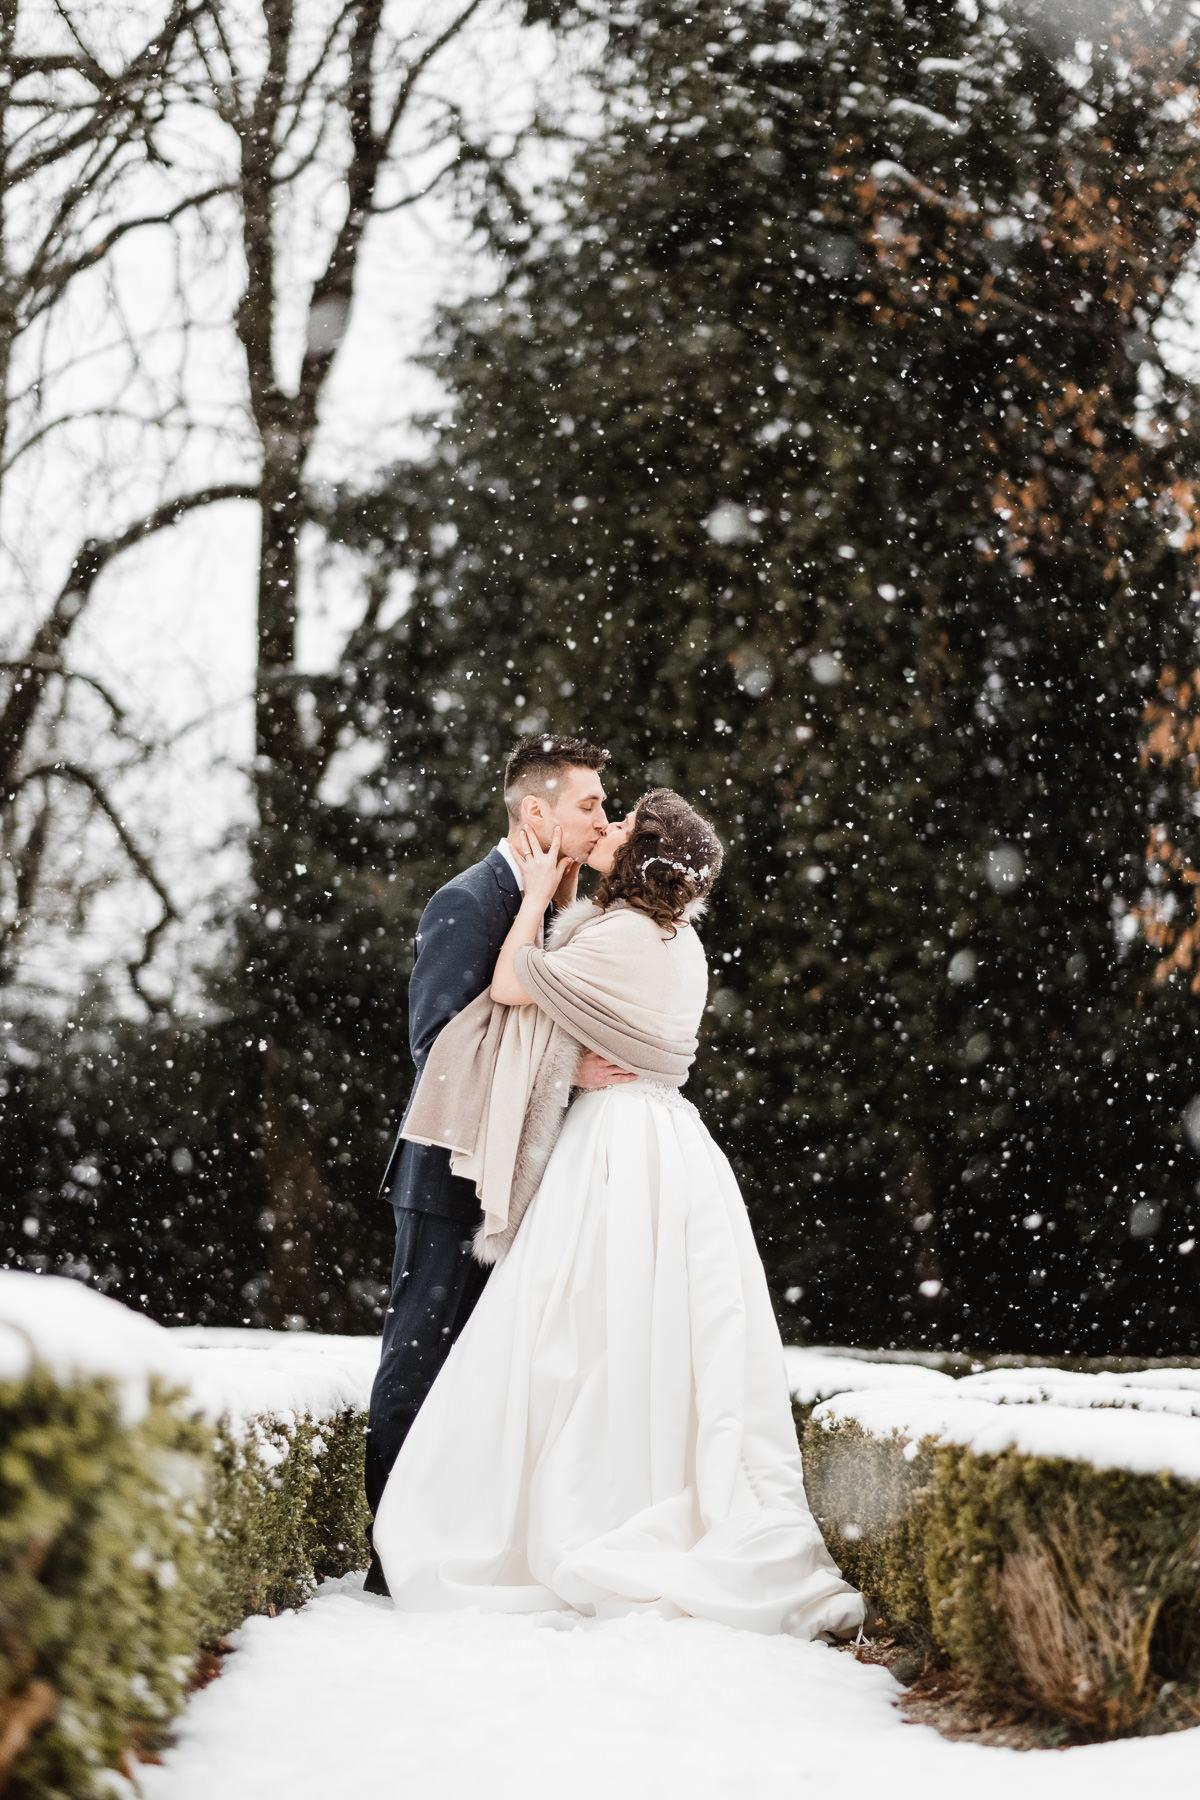 Un mariage sous la neige en hiver